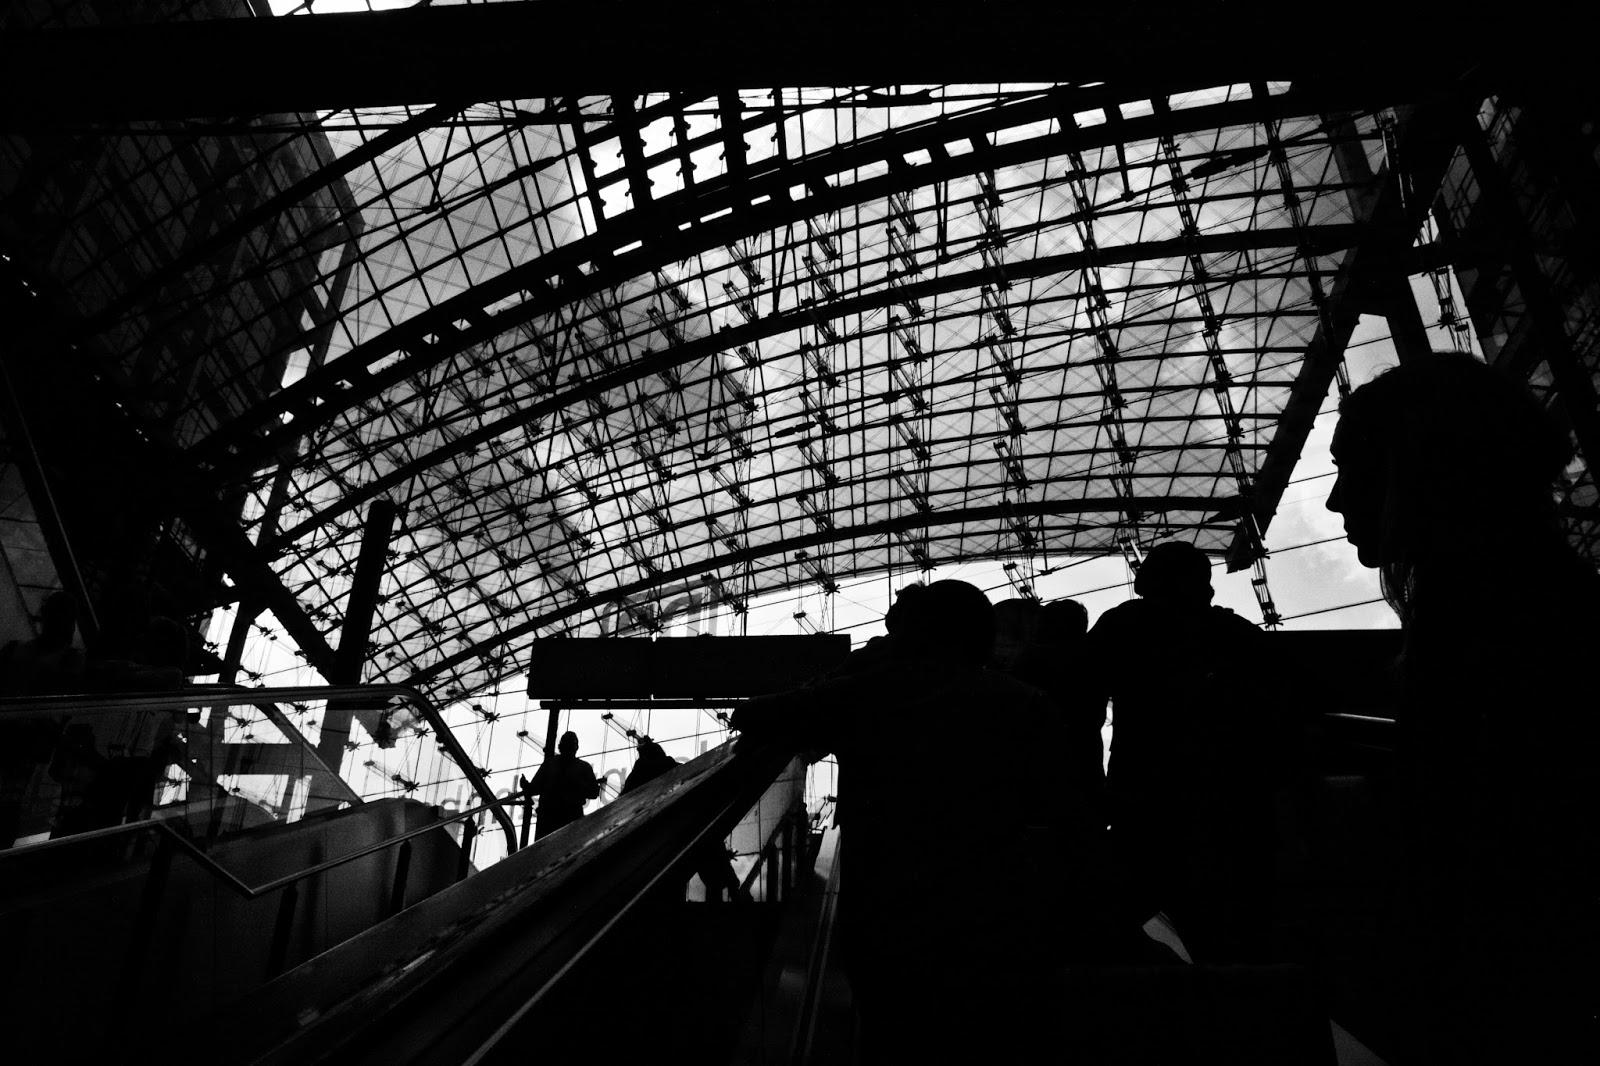 Výlet do Berlína, vlakem do Berlína českými drahami - nádraží v Berlíně, tipy, kam v Berlíně